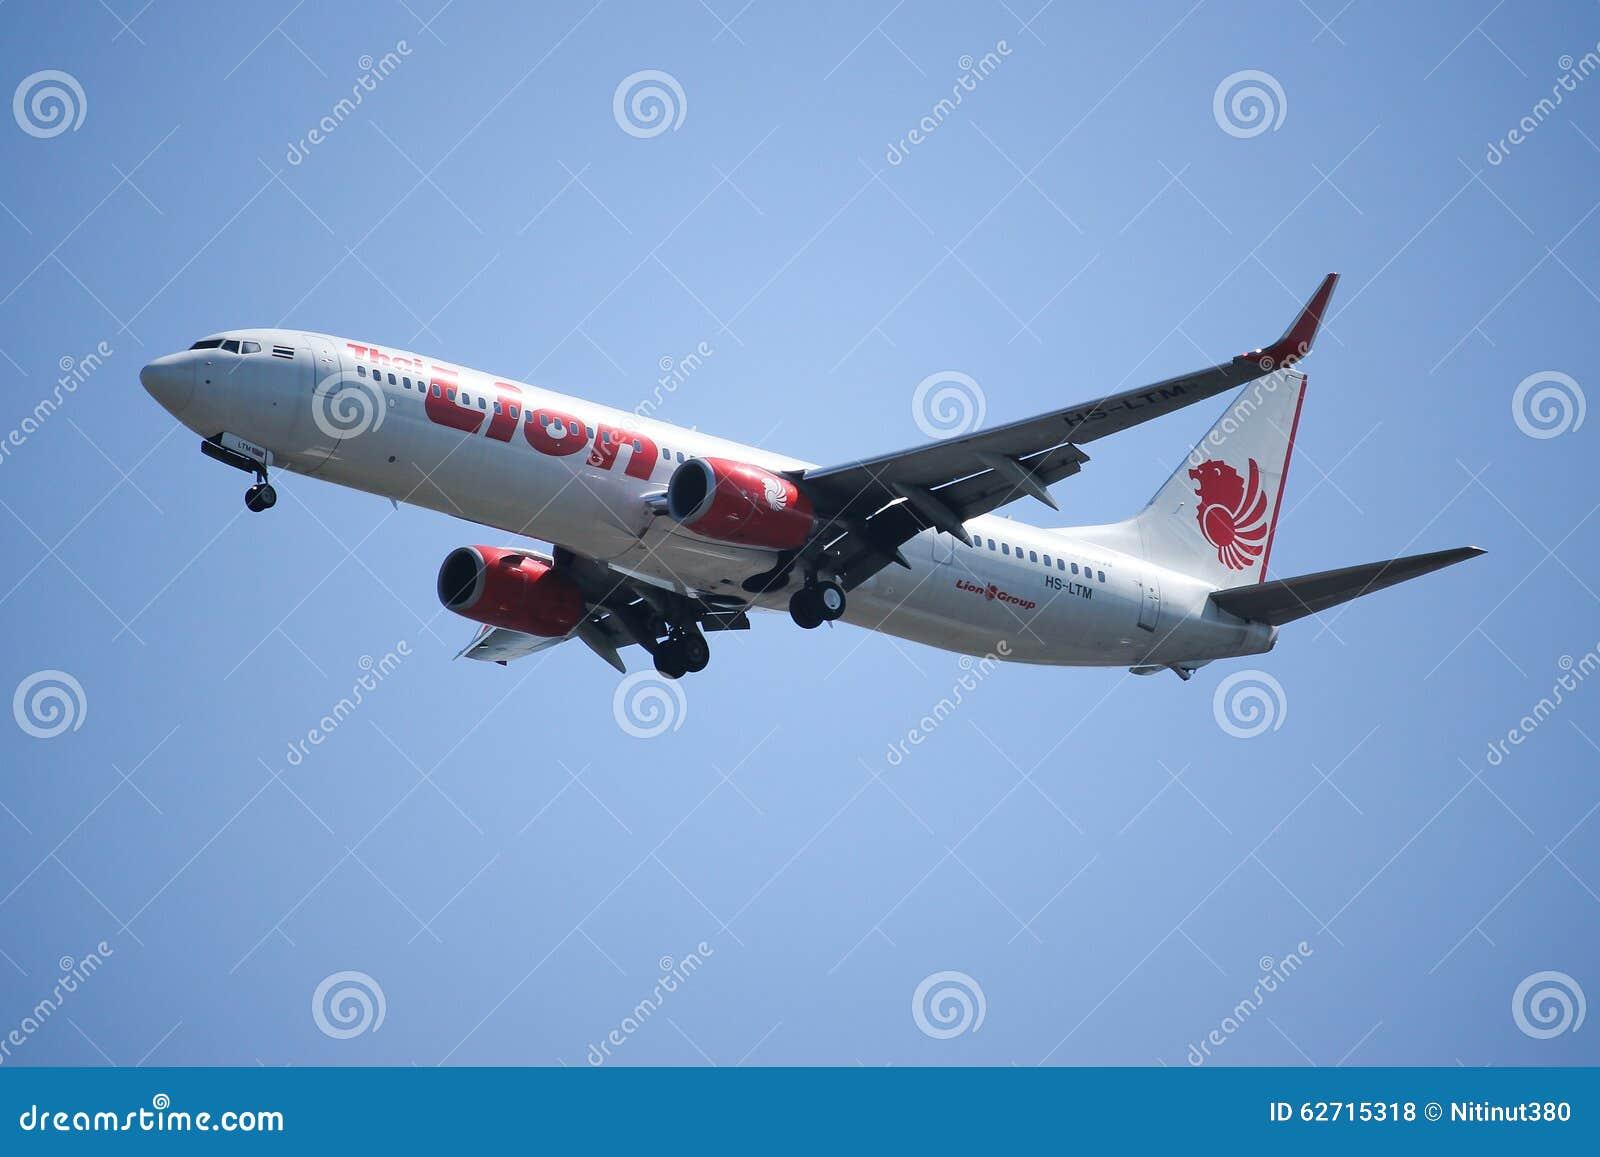 HS-ltm Boeing 737-900ER